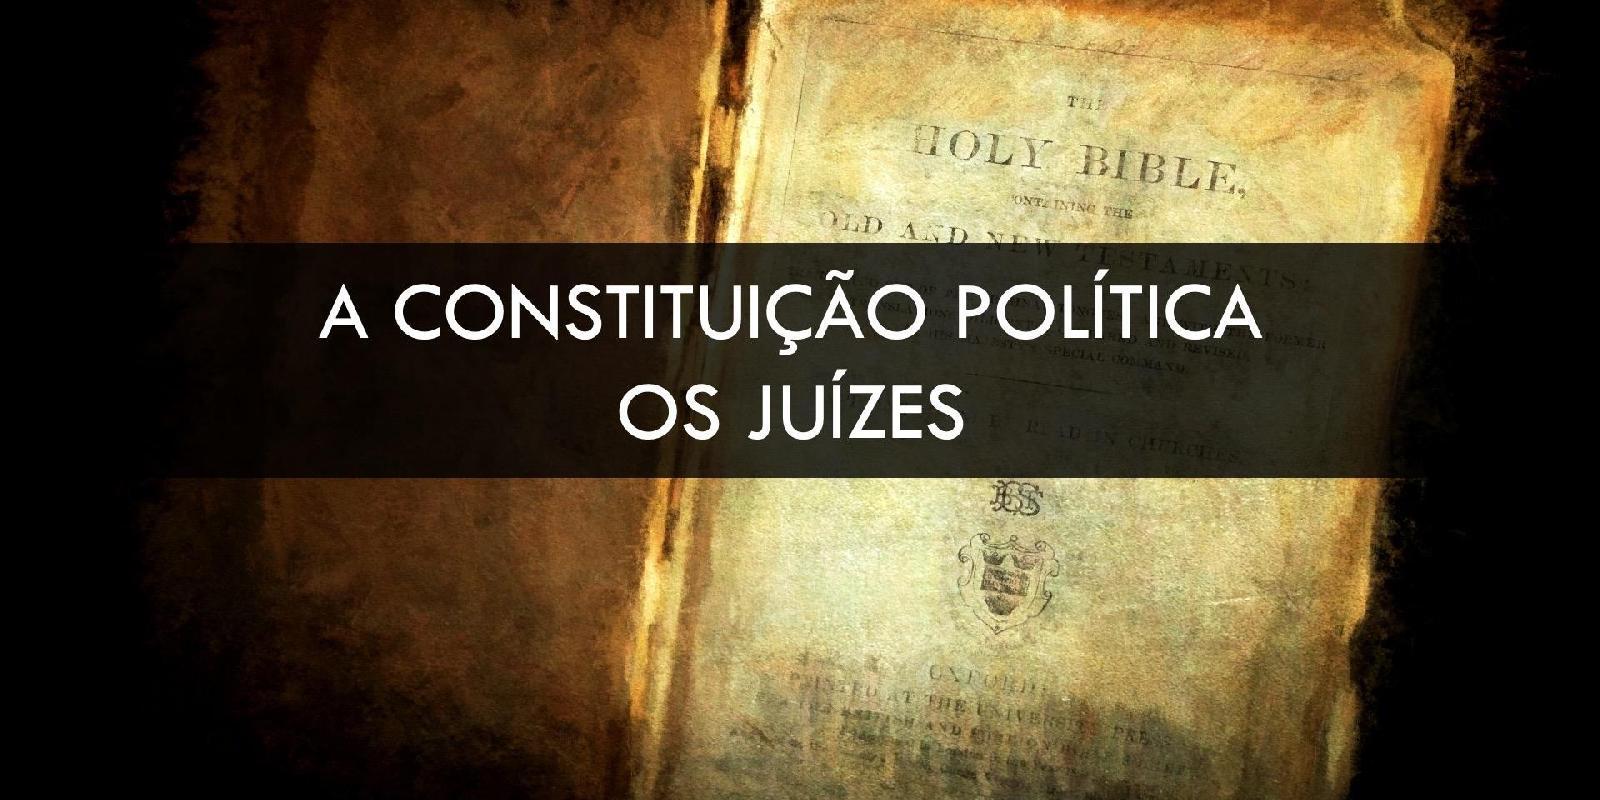 Constituição Política: Os Juízes